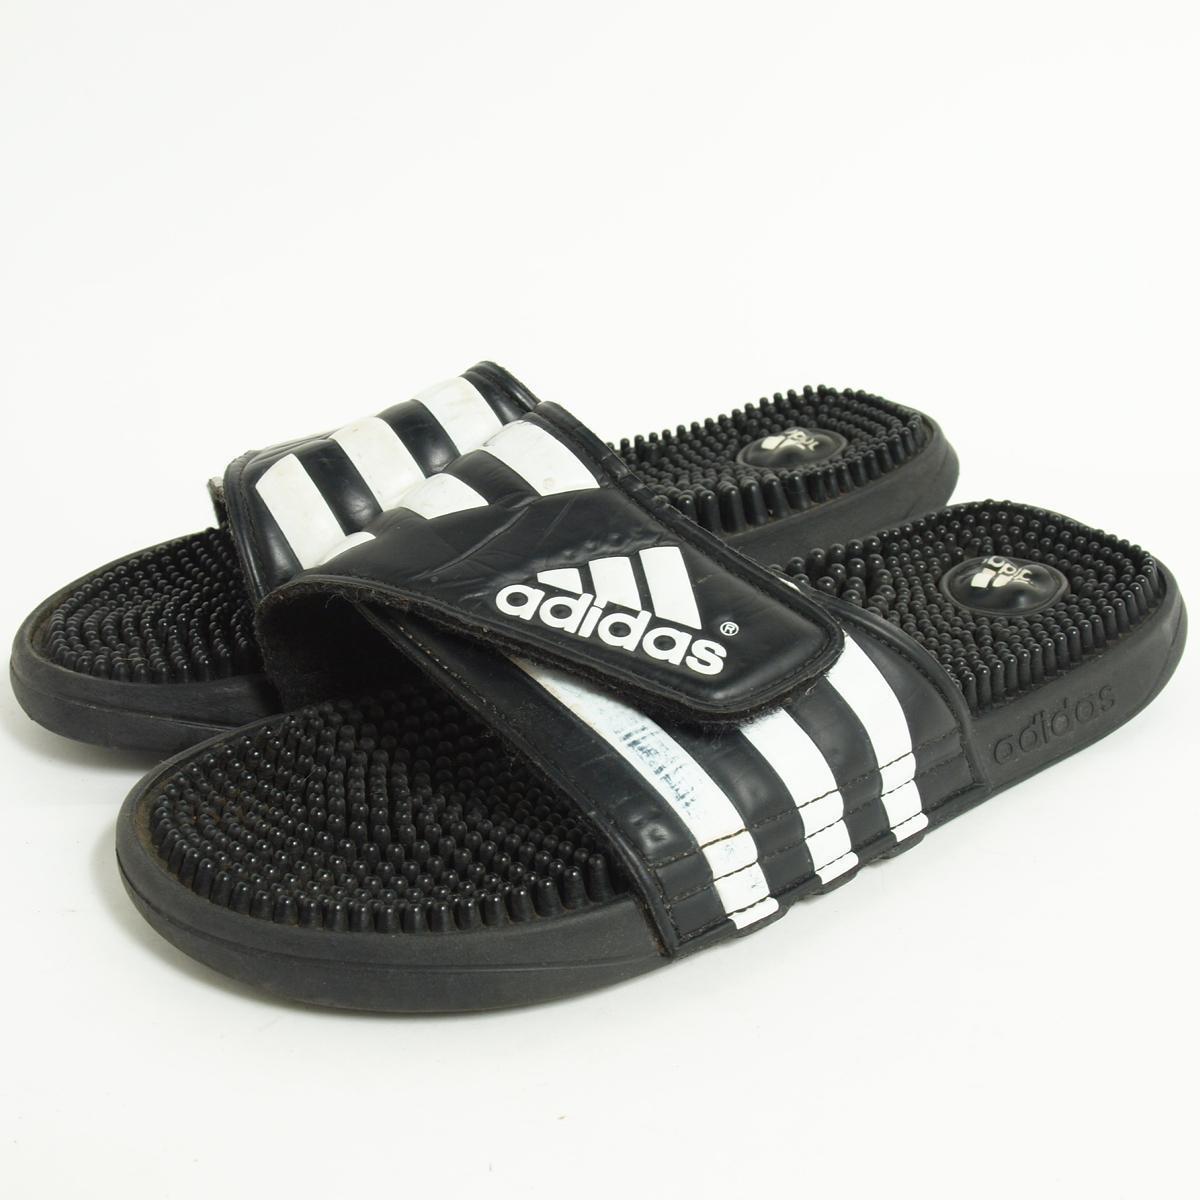 アディダス スポーツ アウトドアサンダル US8 メンズ26.0cm adidas /bol0565 【中古】 【170506】【SS1806】【7】【PD1806】